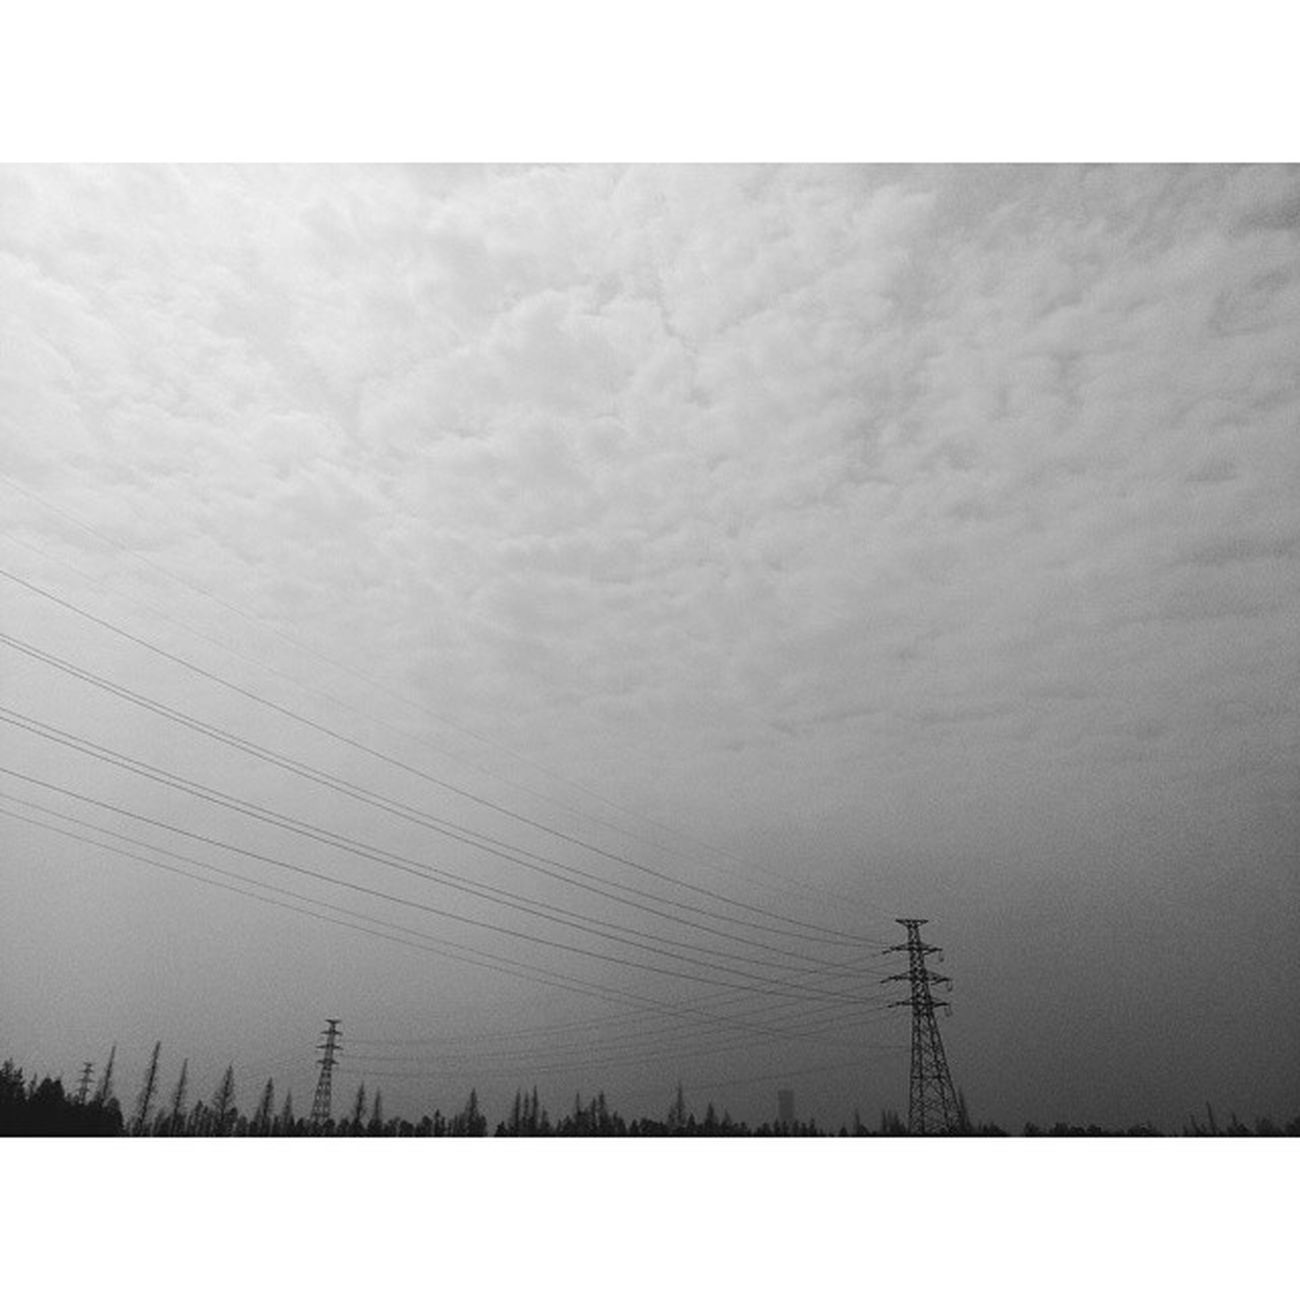 黑白 Blackandwhite 湖南农业大学 Hunan vscocam vsco changsha 长沙 sky cloud